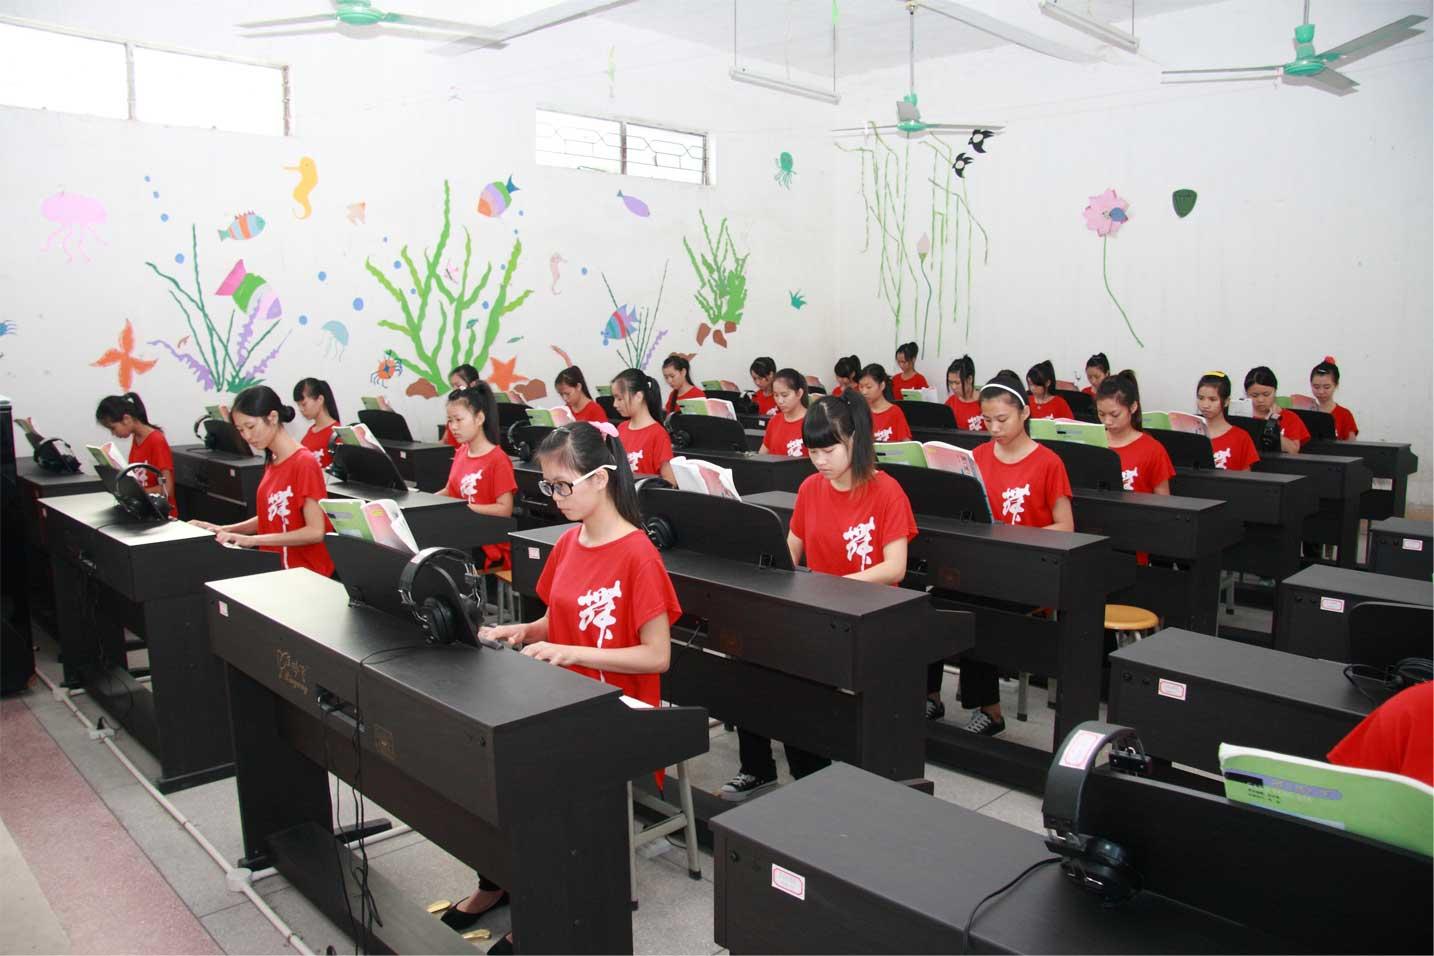 幼儿教育(就业市场热门专业)